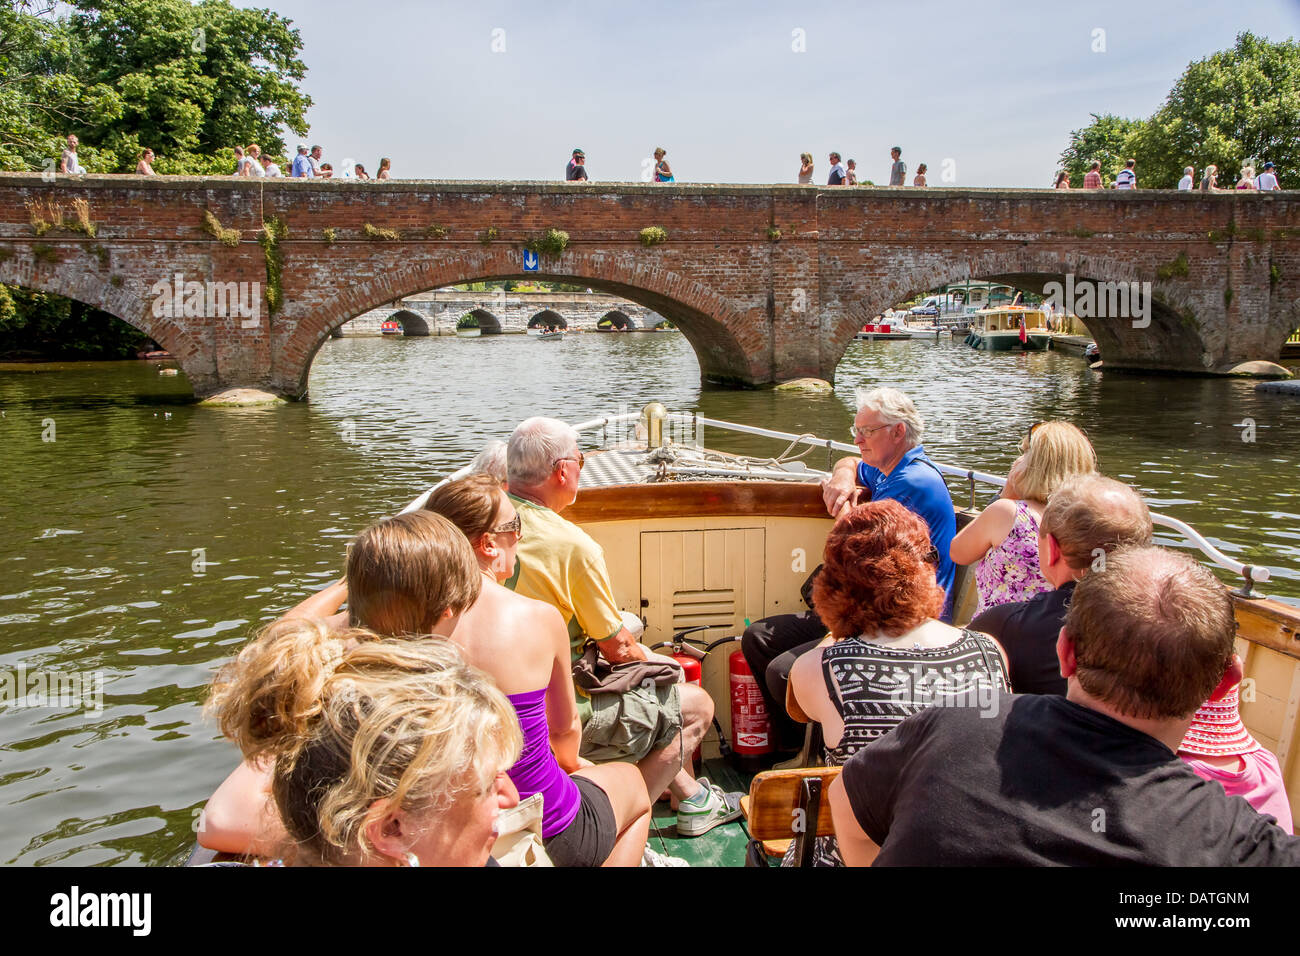 Los turistas de placer disfrutando de un viaje en barco por el río Avon en Stratford Imagen De Stock